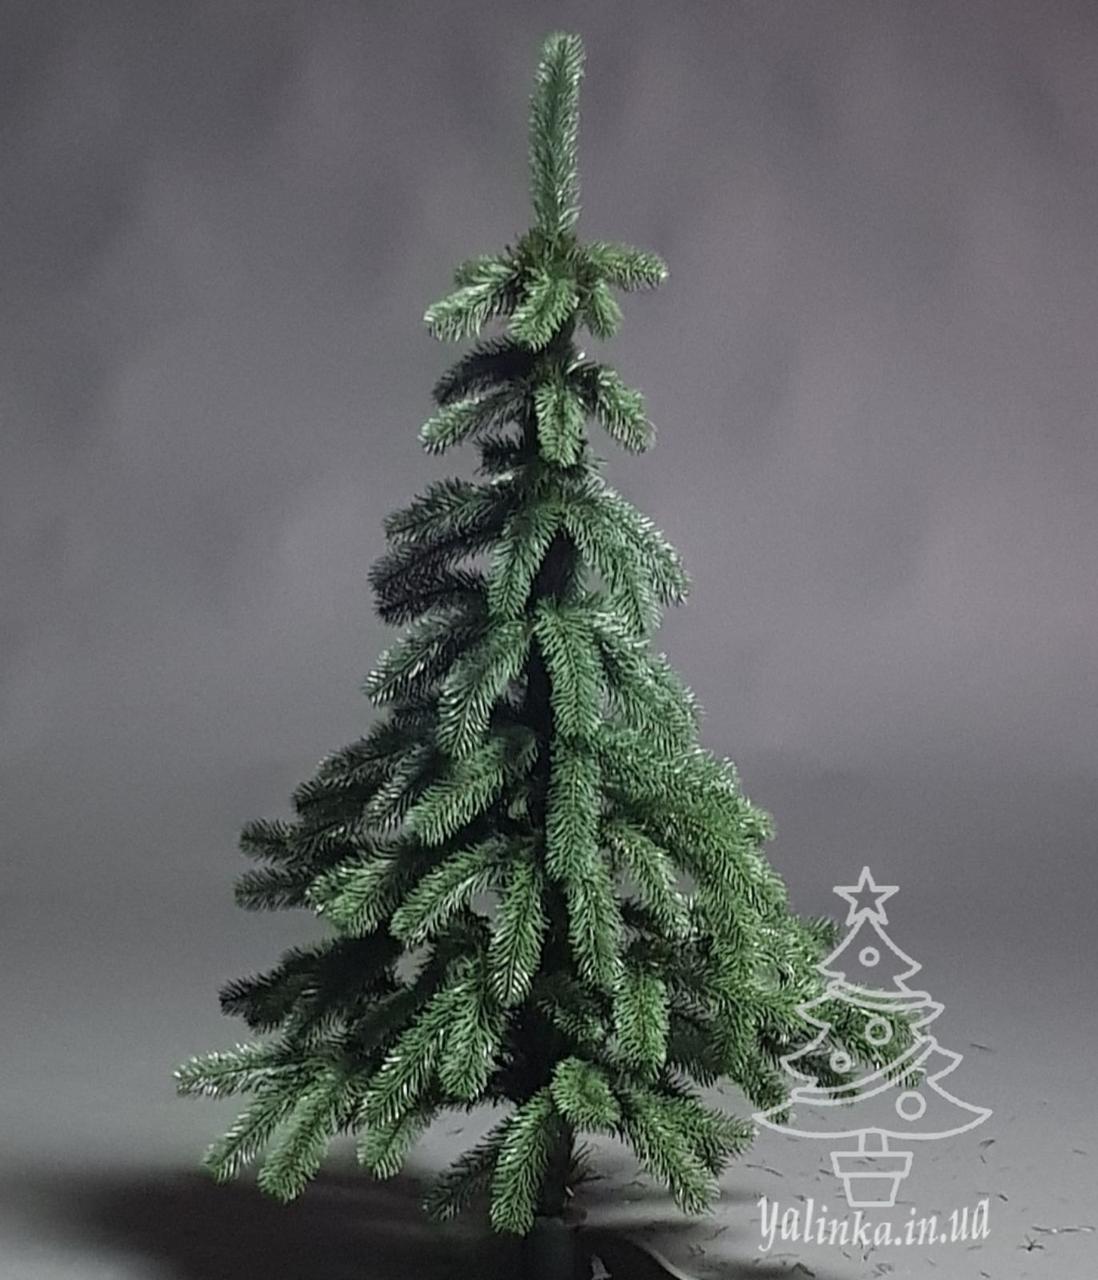 Искусственная ель литая 1,1 м ель ели ёлка ёлки елка елки сосна искусственная штучна ялинка ялинки сосни